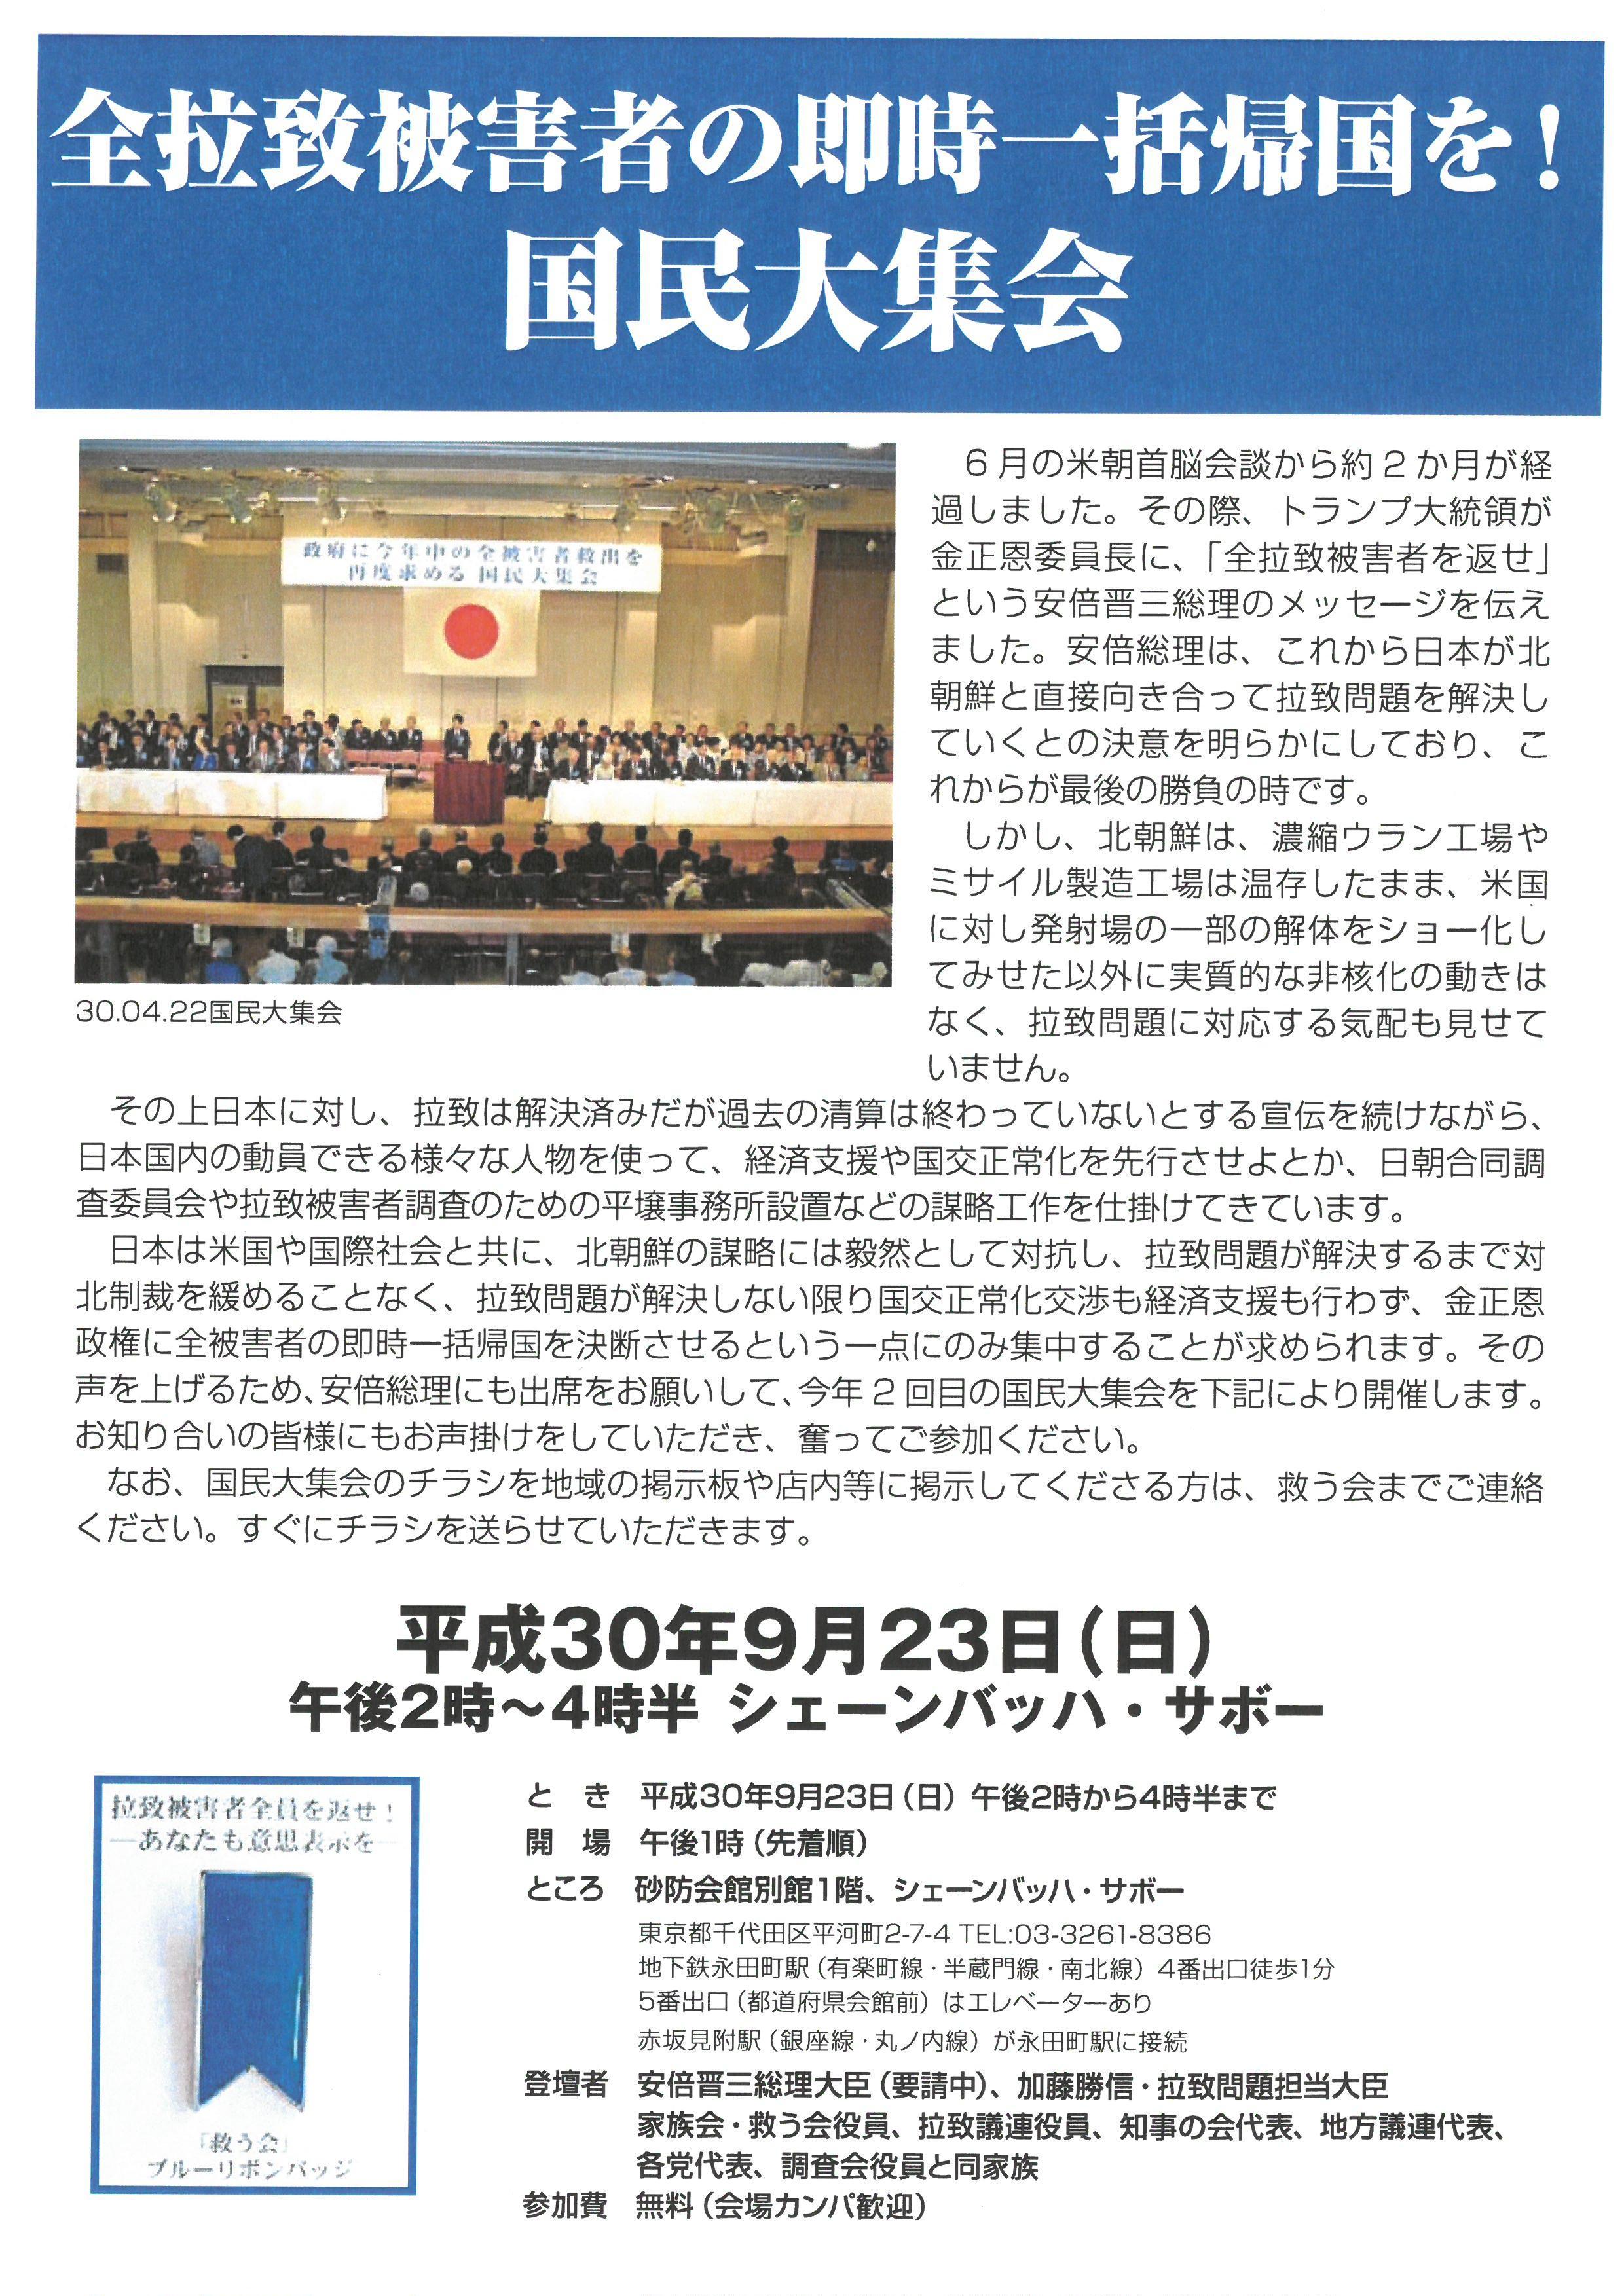 平成30年9月国民大集会